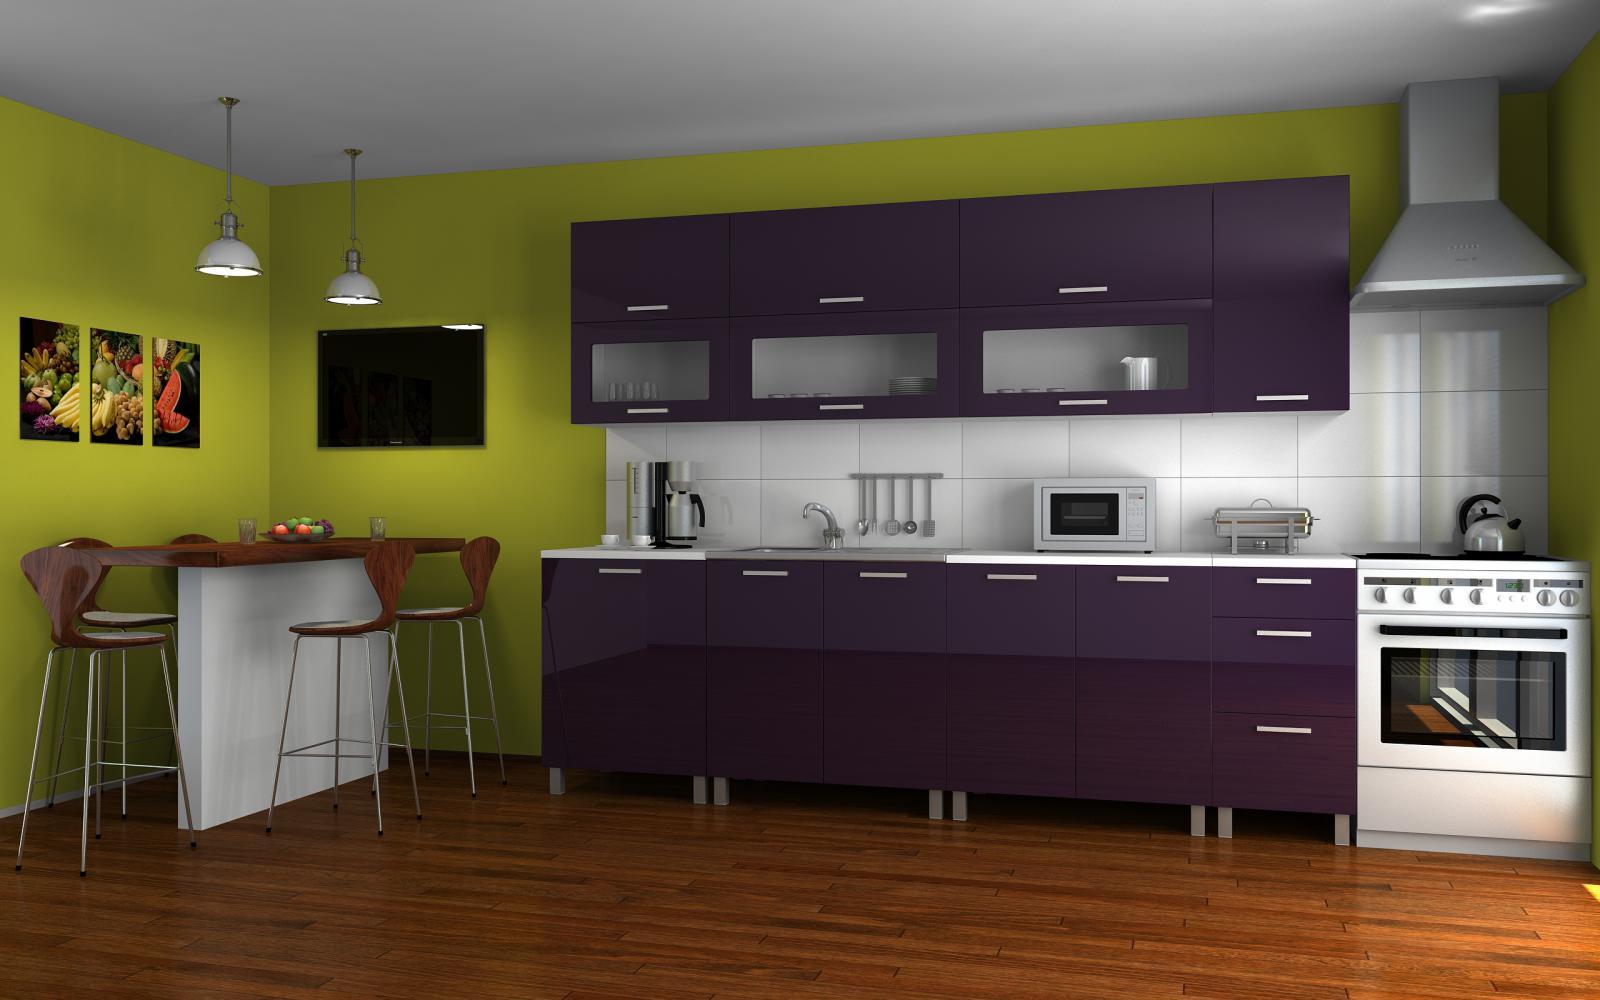 Kuchyňská linka Saleri MDR 260 fialový lesk